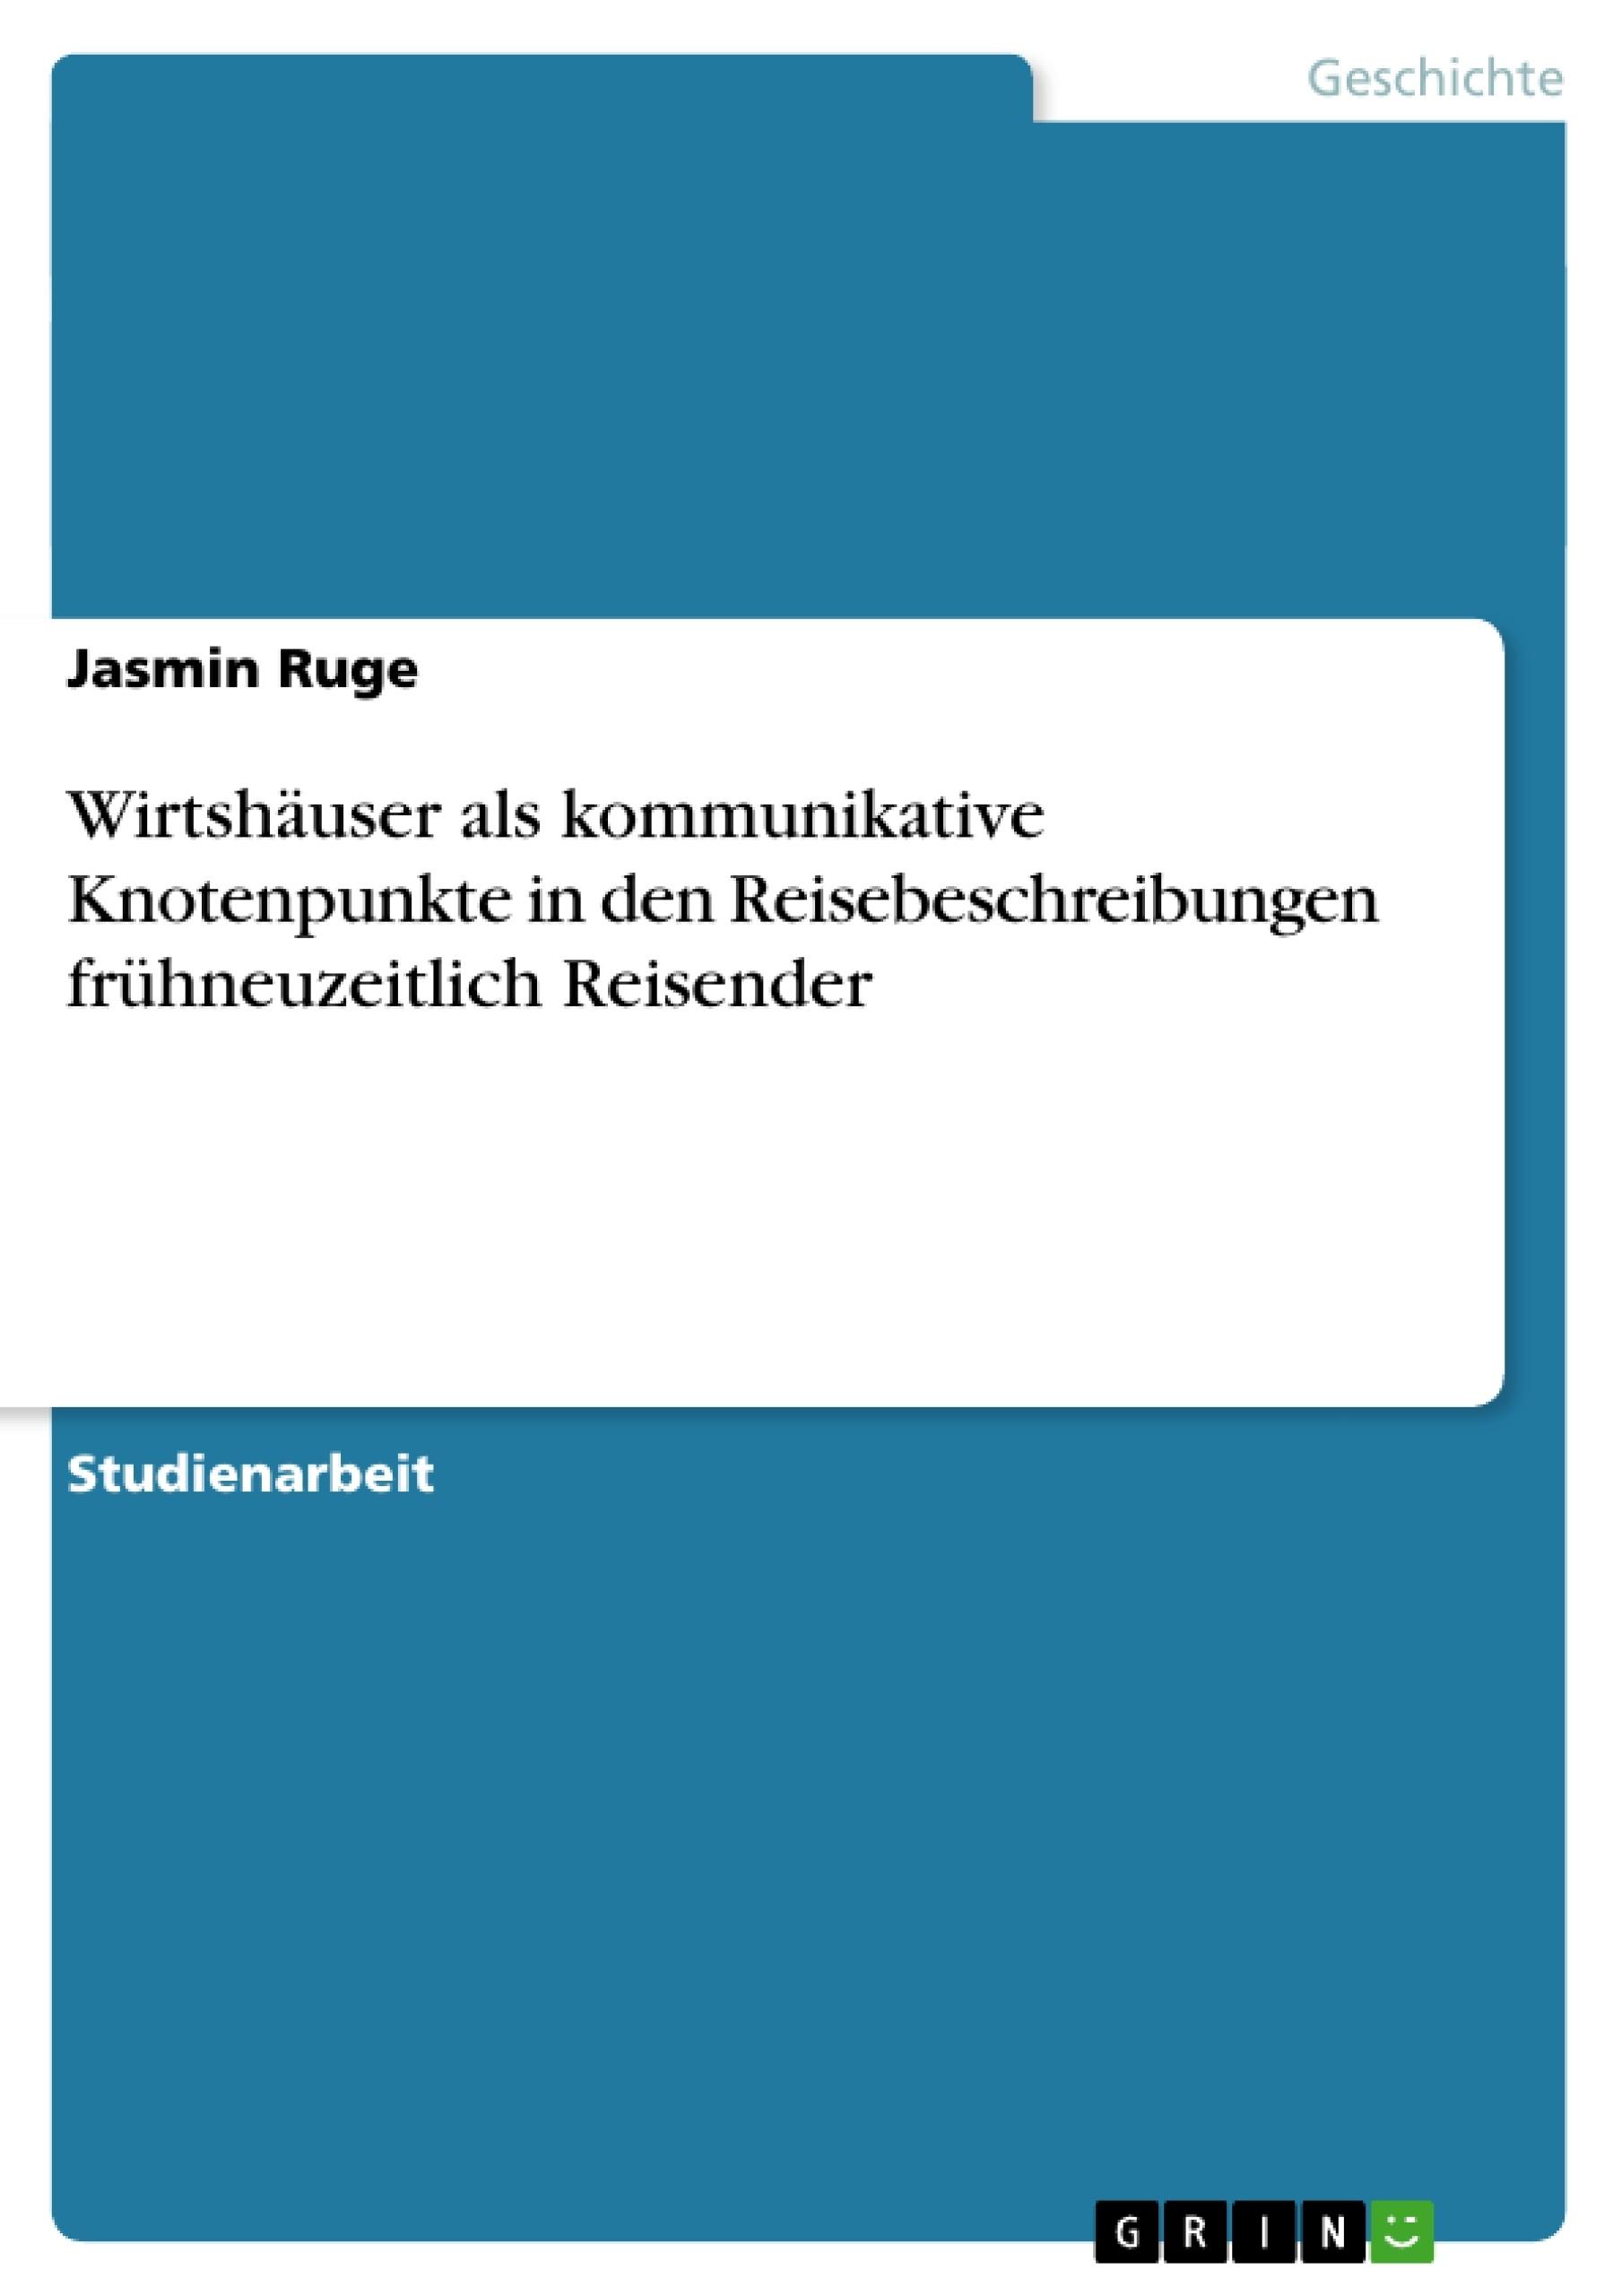 Titel: Wirtshäuser als kommunikative Knotenpunkte in den Reisebeschreibungen frühneuzeitlich Reisender